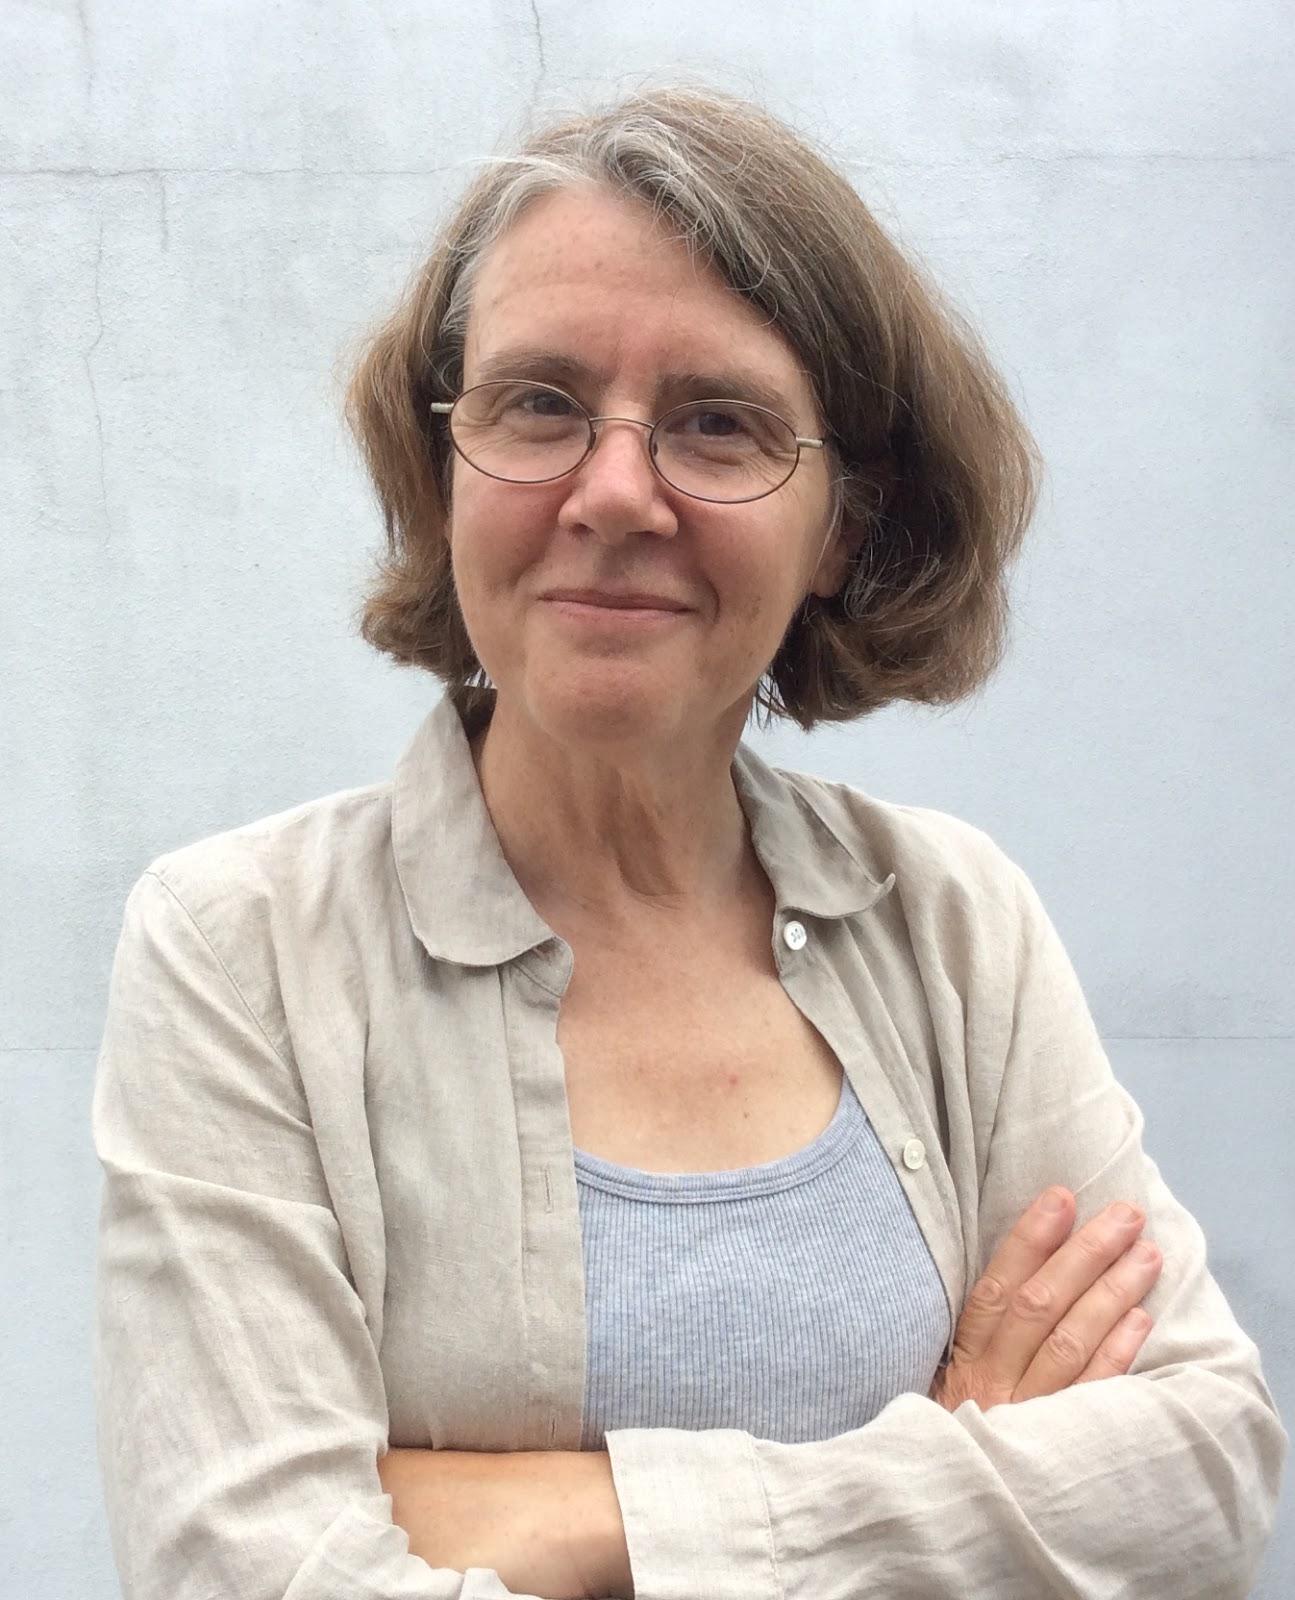 Kathryn Darnell